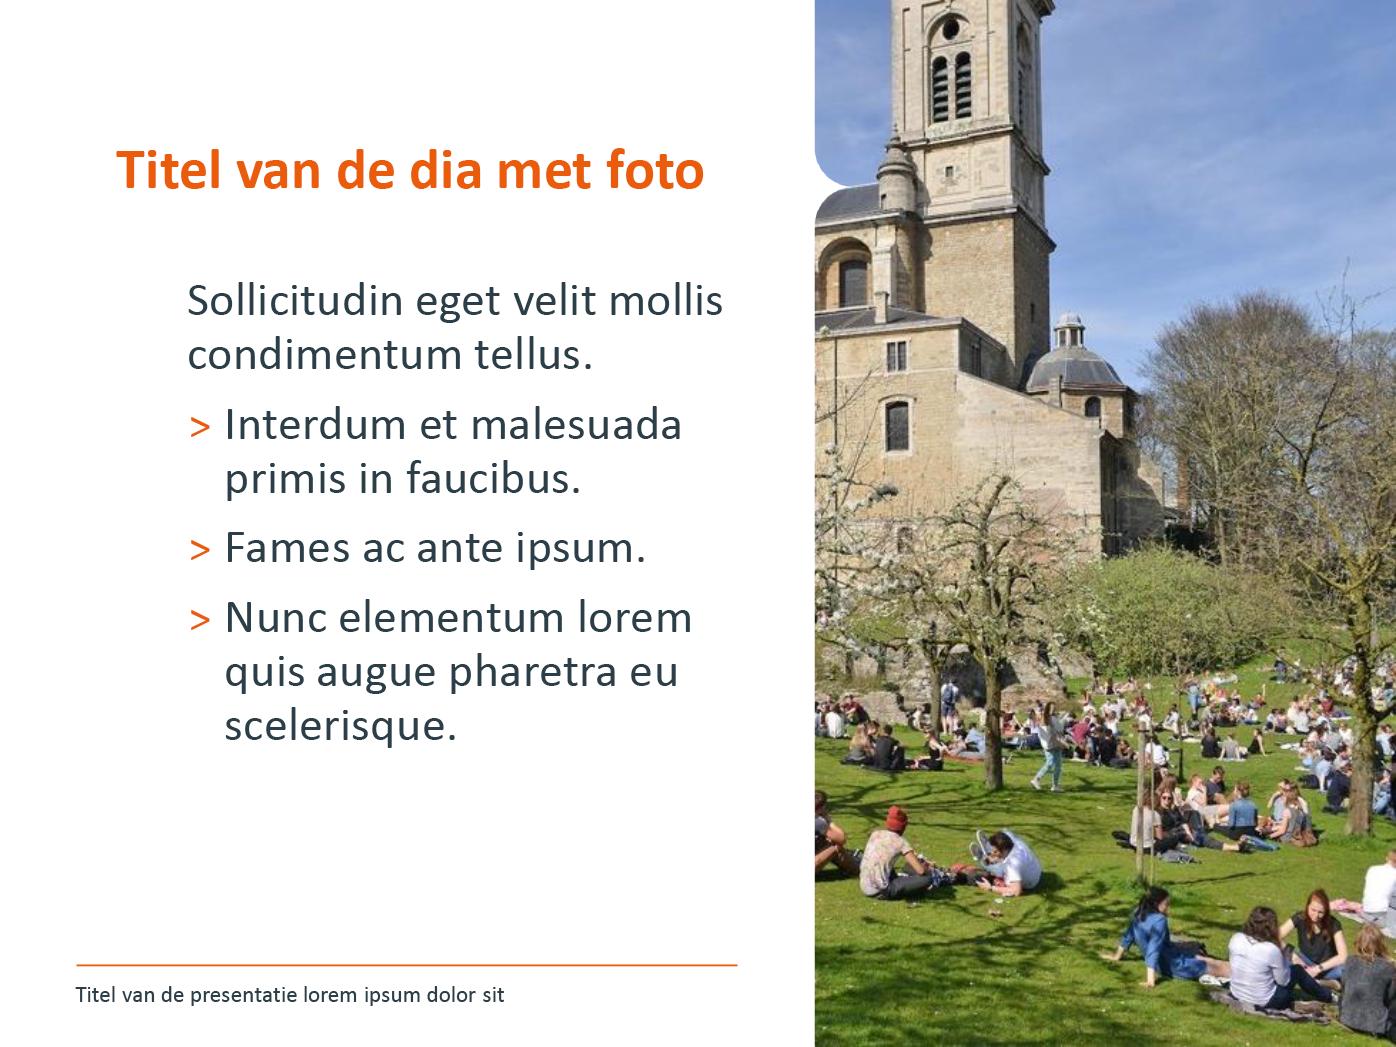 """Dia-type """"basisdia met foto"""", gepersonaliseerd voor de submerken van het basisonderwijs. Powerpoint-sjabloon van de Stad Gent."""